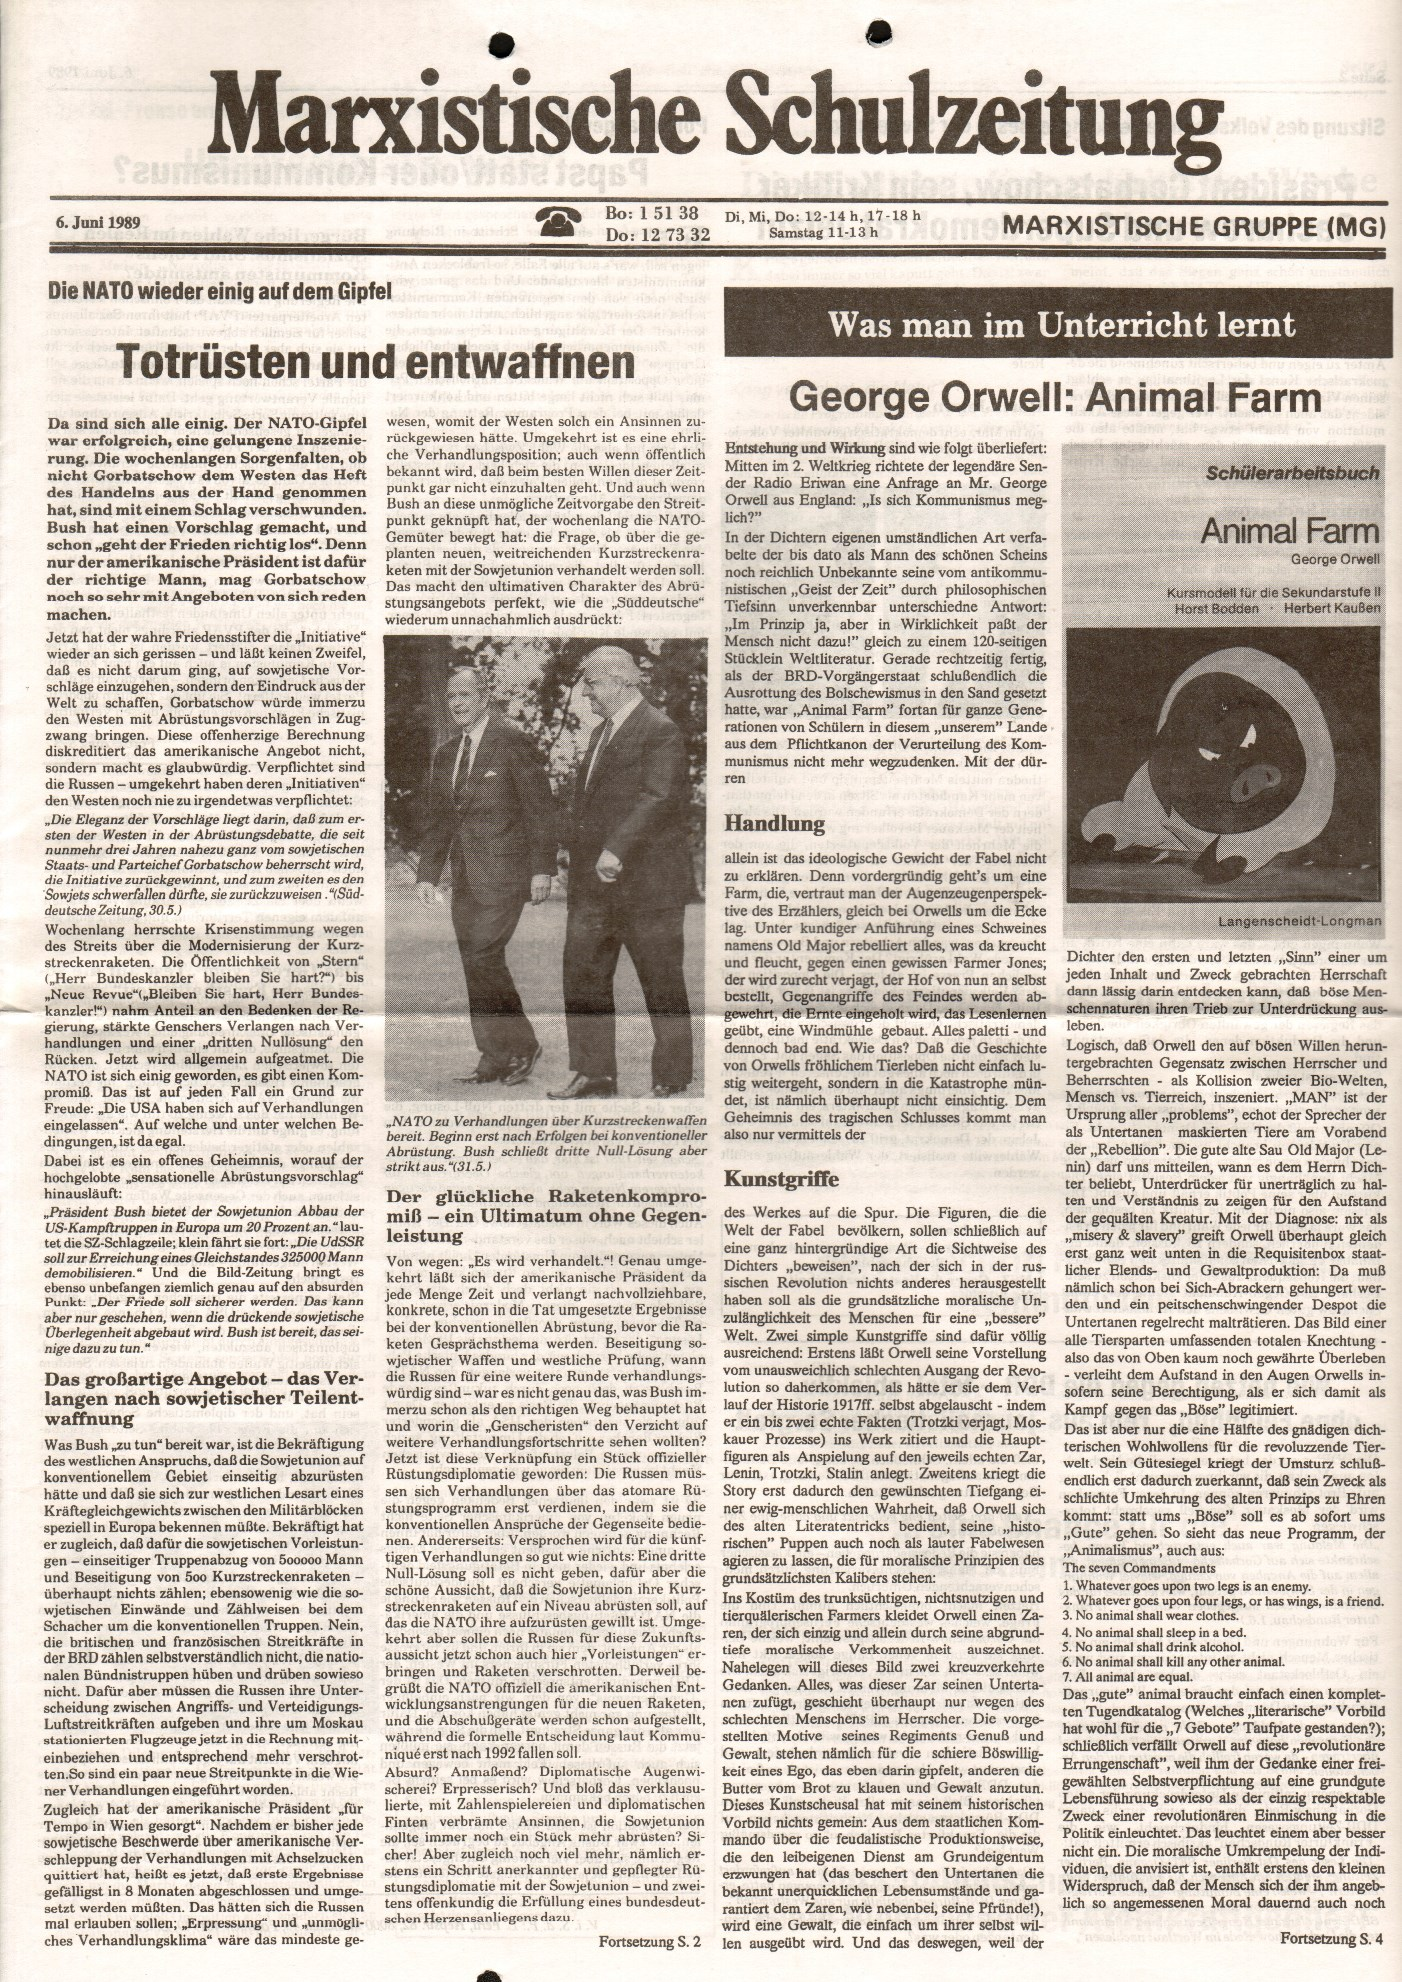 Ruhrgebiet_MG_Marxistische_Schulzeitung_19890606_01